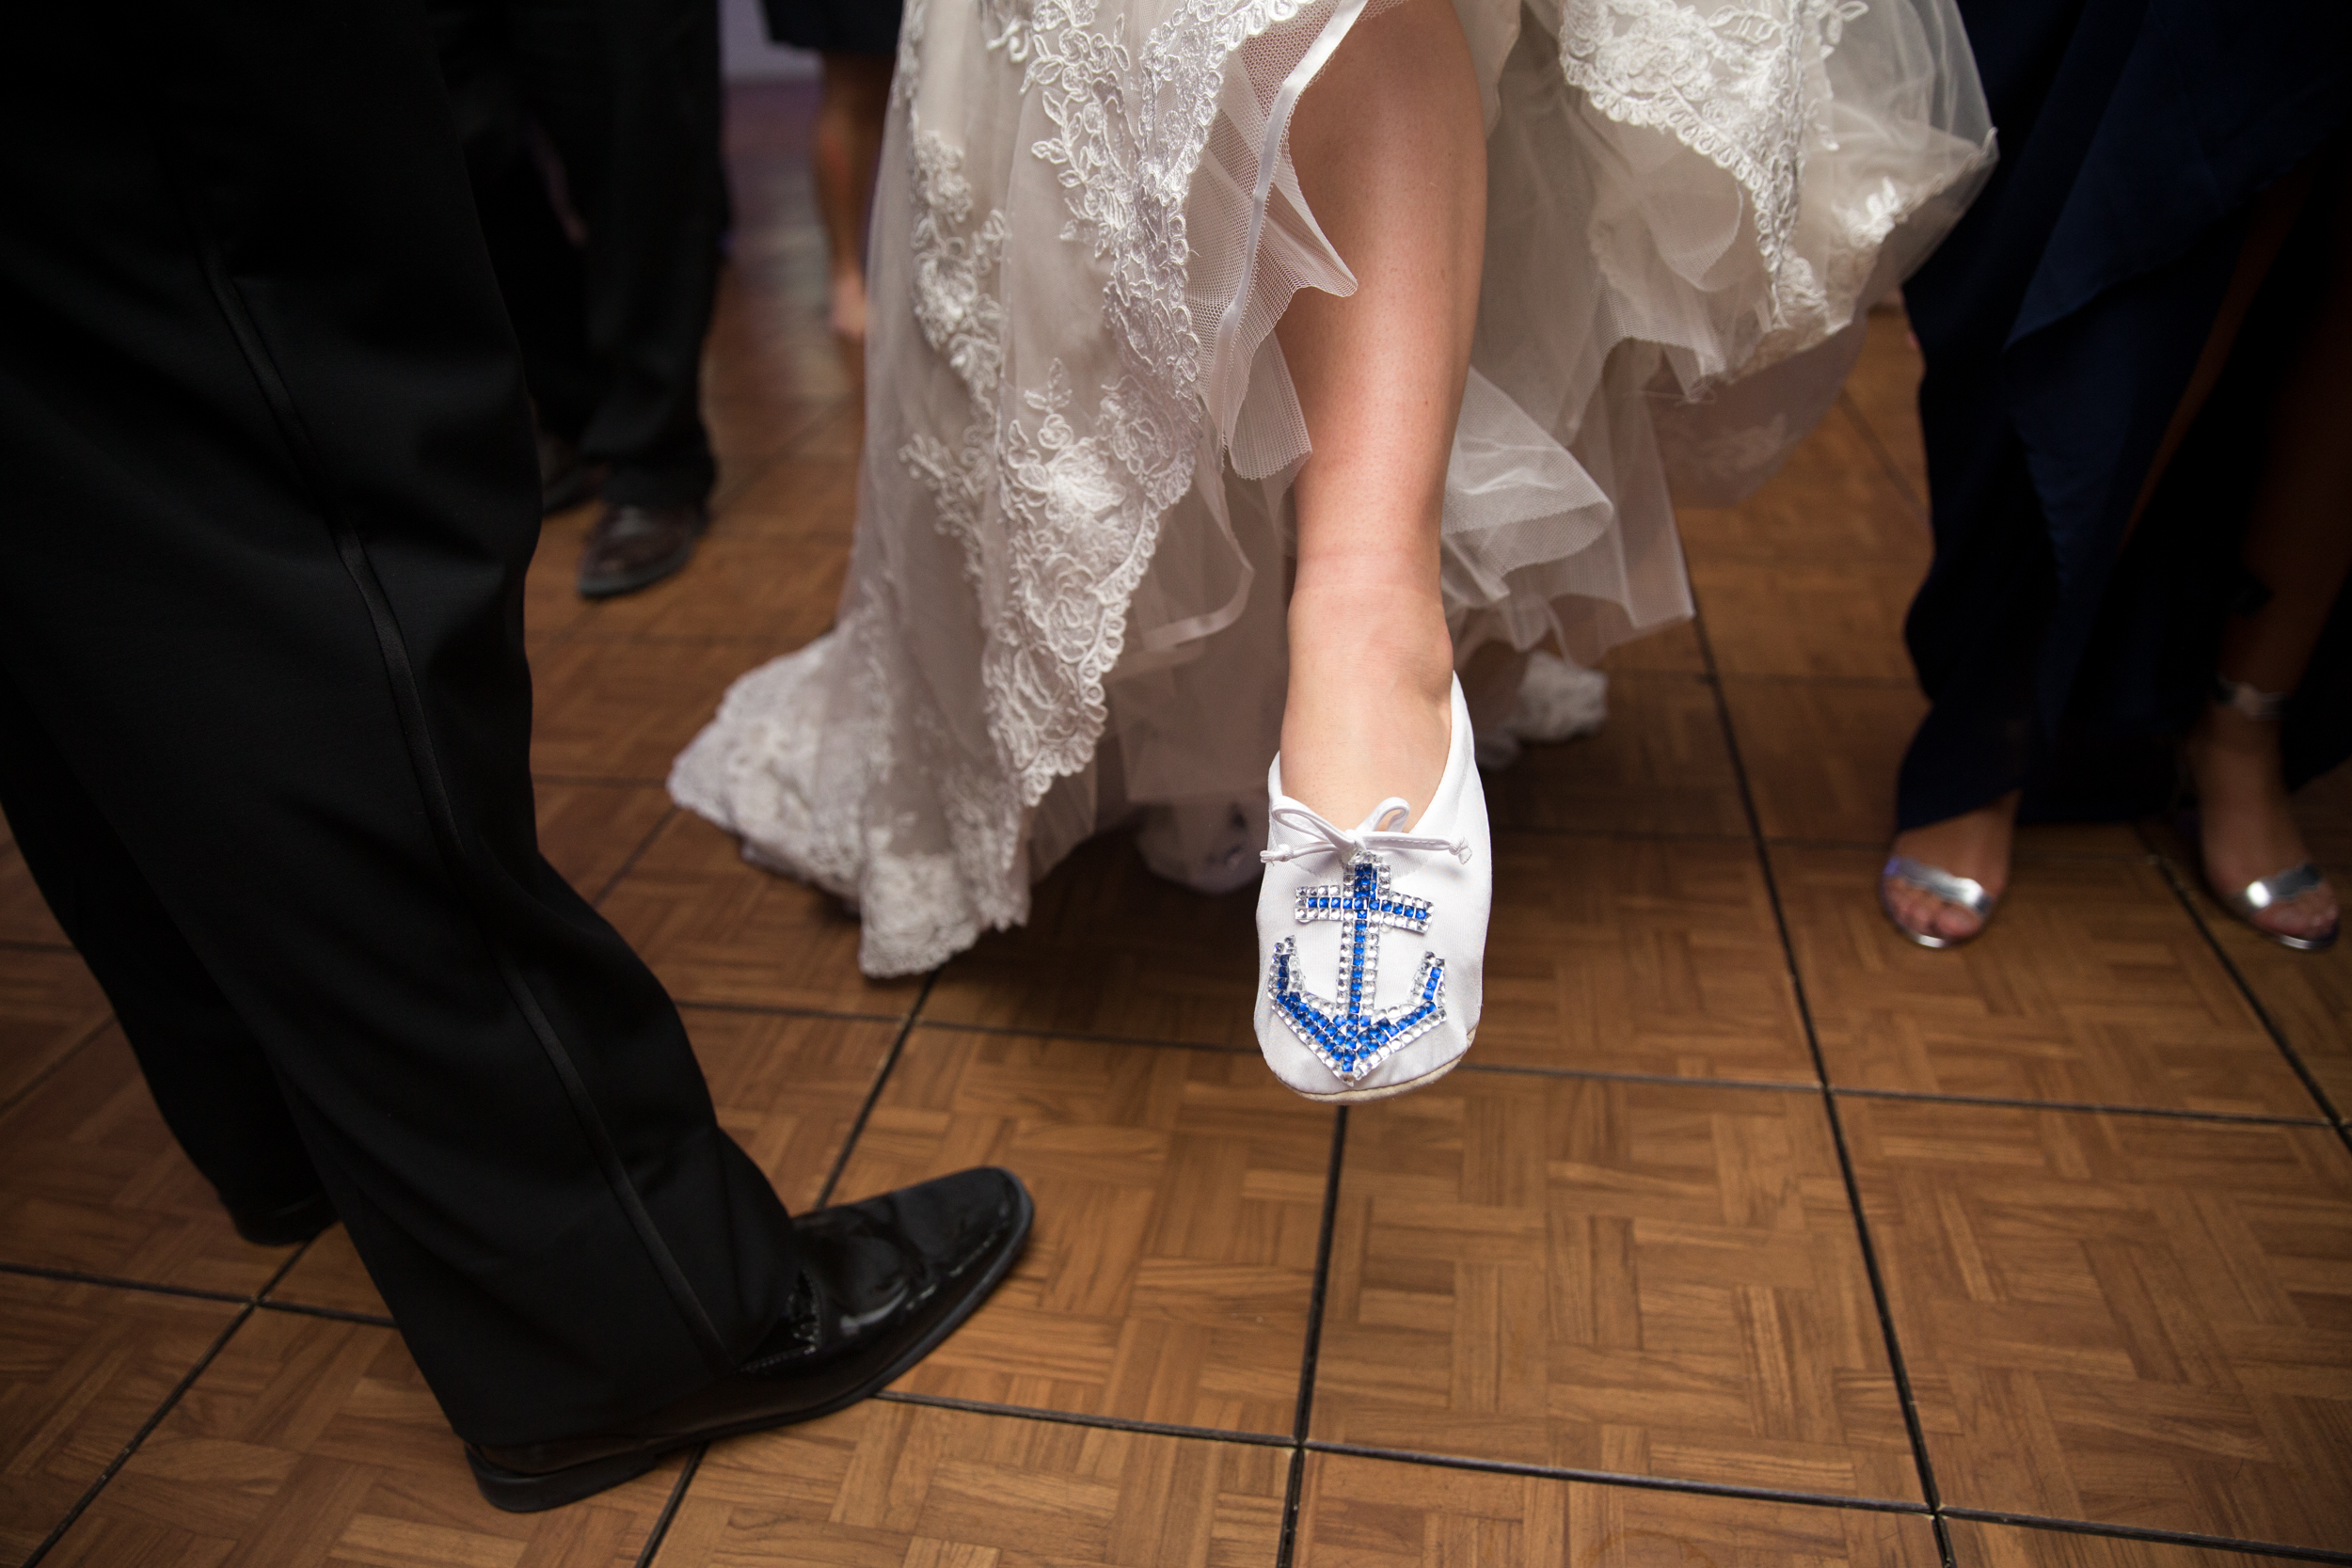 10-14-17_AshleyRichard_Wedding-157.jpg